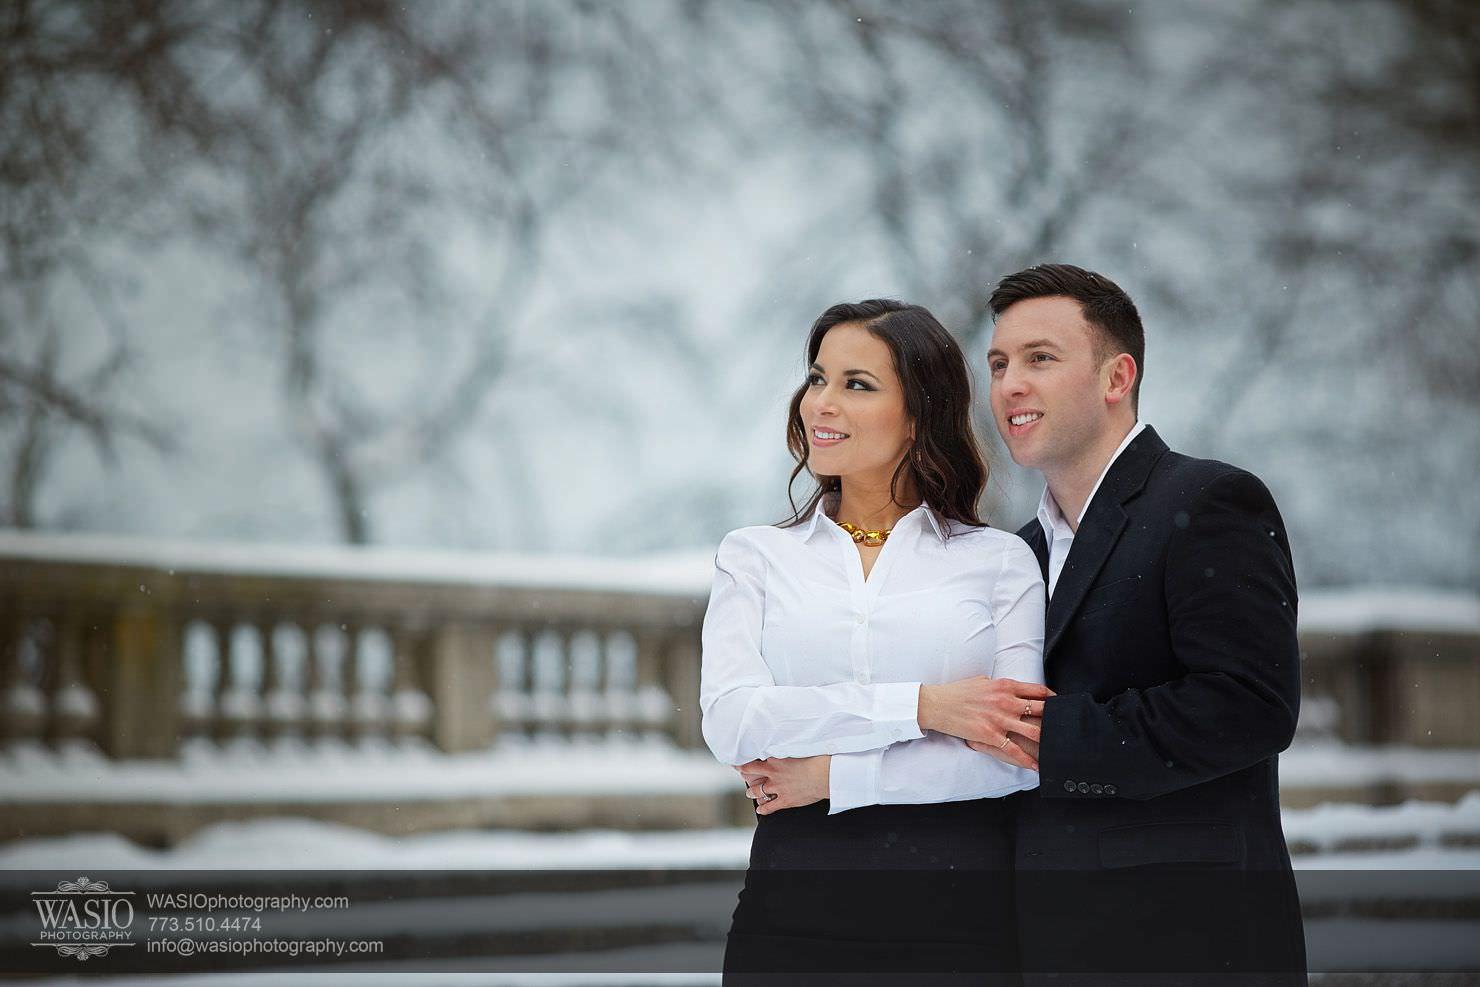 000-Chicago-Winter-Engagement Chicago Winter Engagement - Chrissy + Andrew